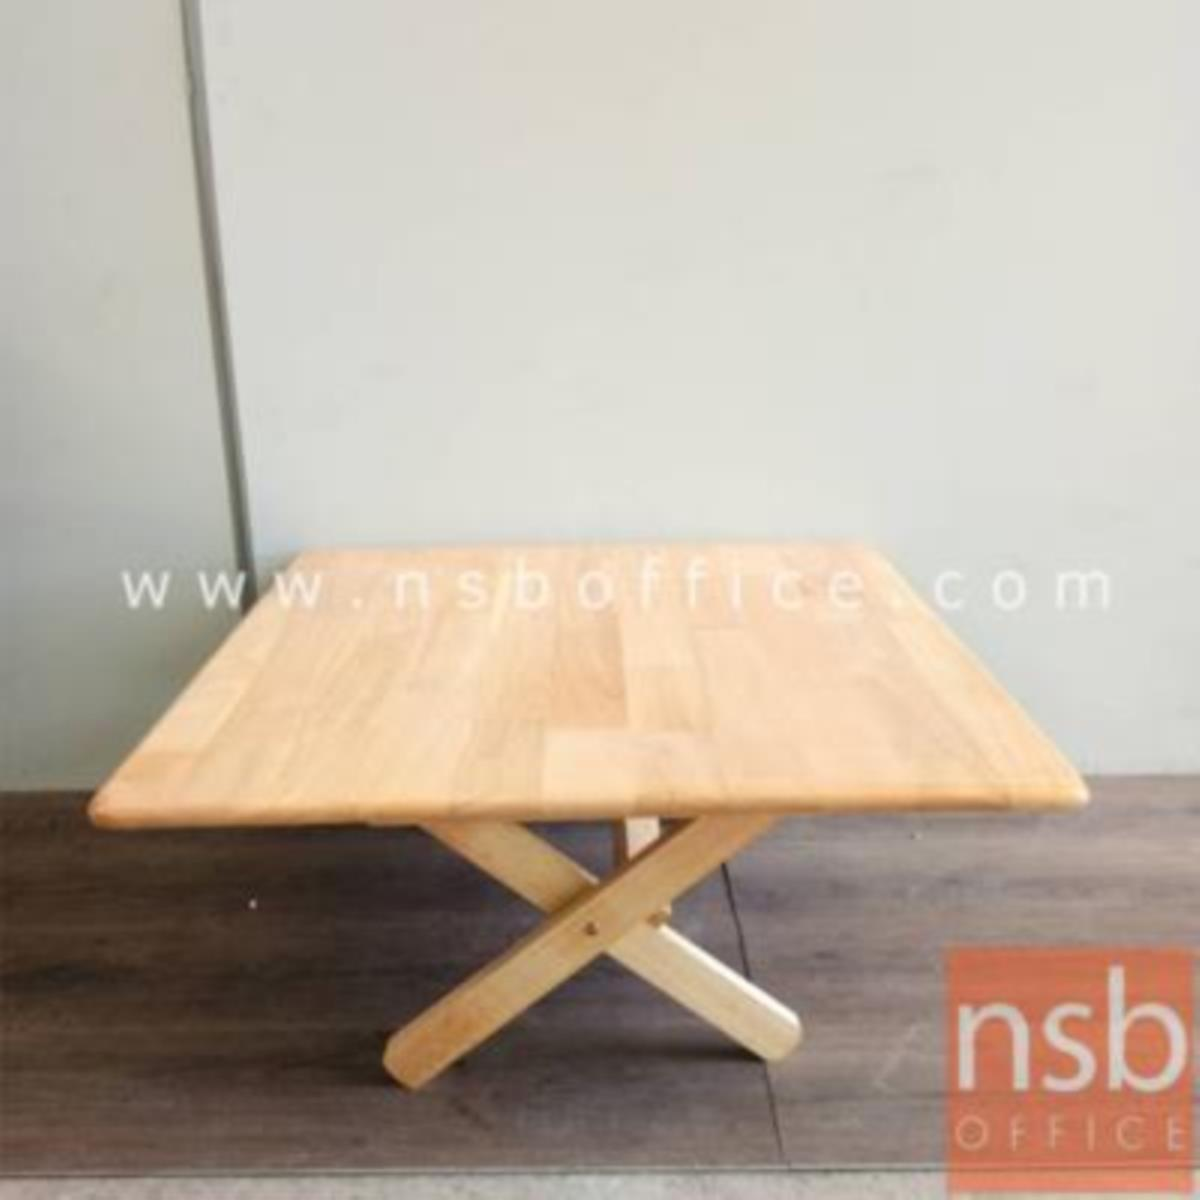 โต๊ะพับหน้าไม้ยางพารา รุ่น Pansy (แพนซี) ขนาด 60W ,75W cm.  สีธรรมชาติ